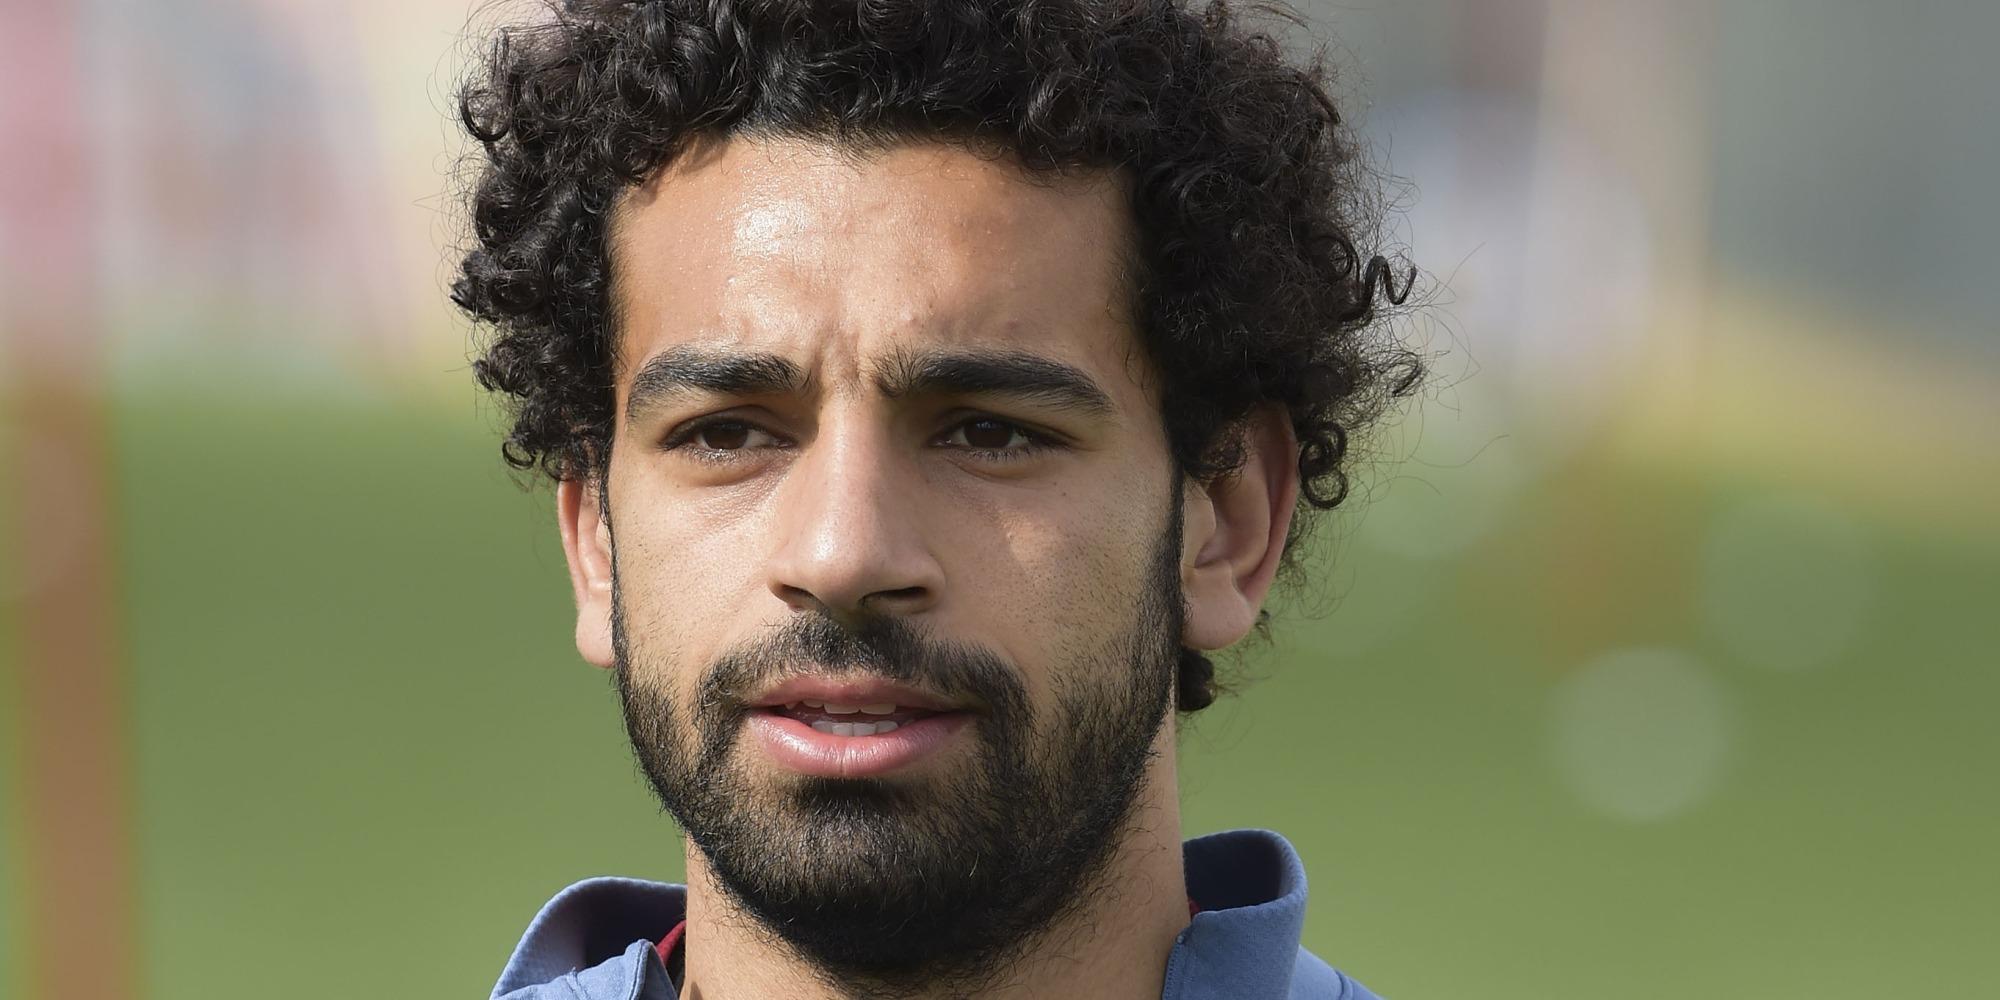 http://shbabbek.com/upload/محمد صلاح في انجلترا لإجراء الكشف الطبي.. تمهيدا لانضمامه إلى ليفربول